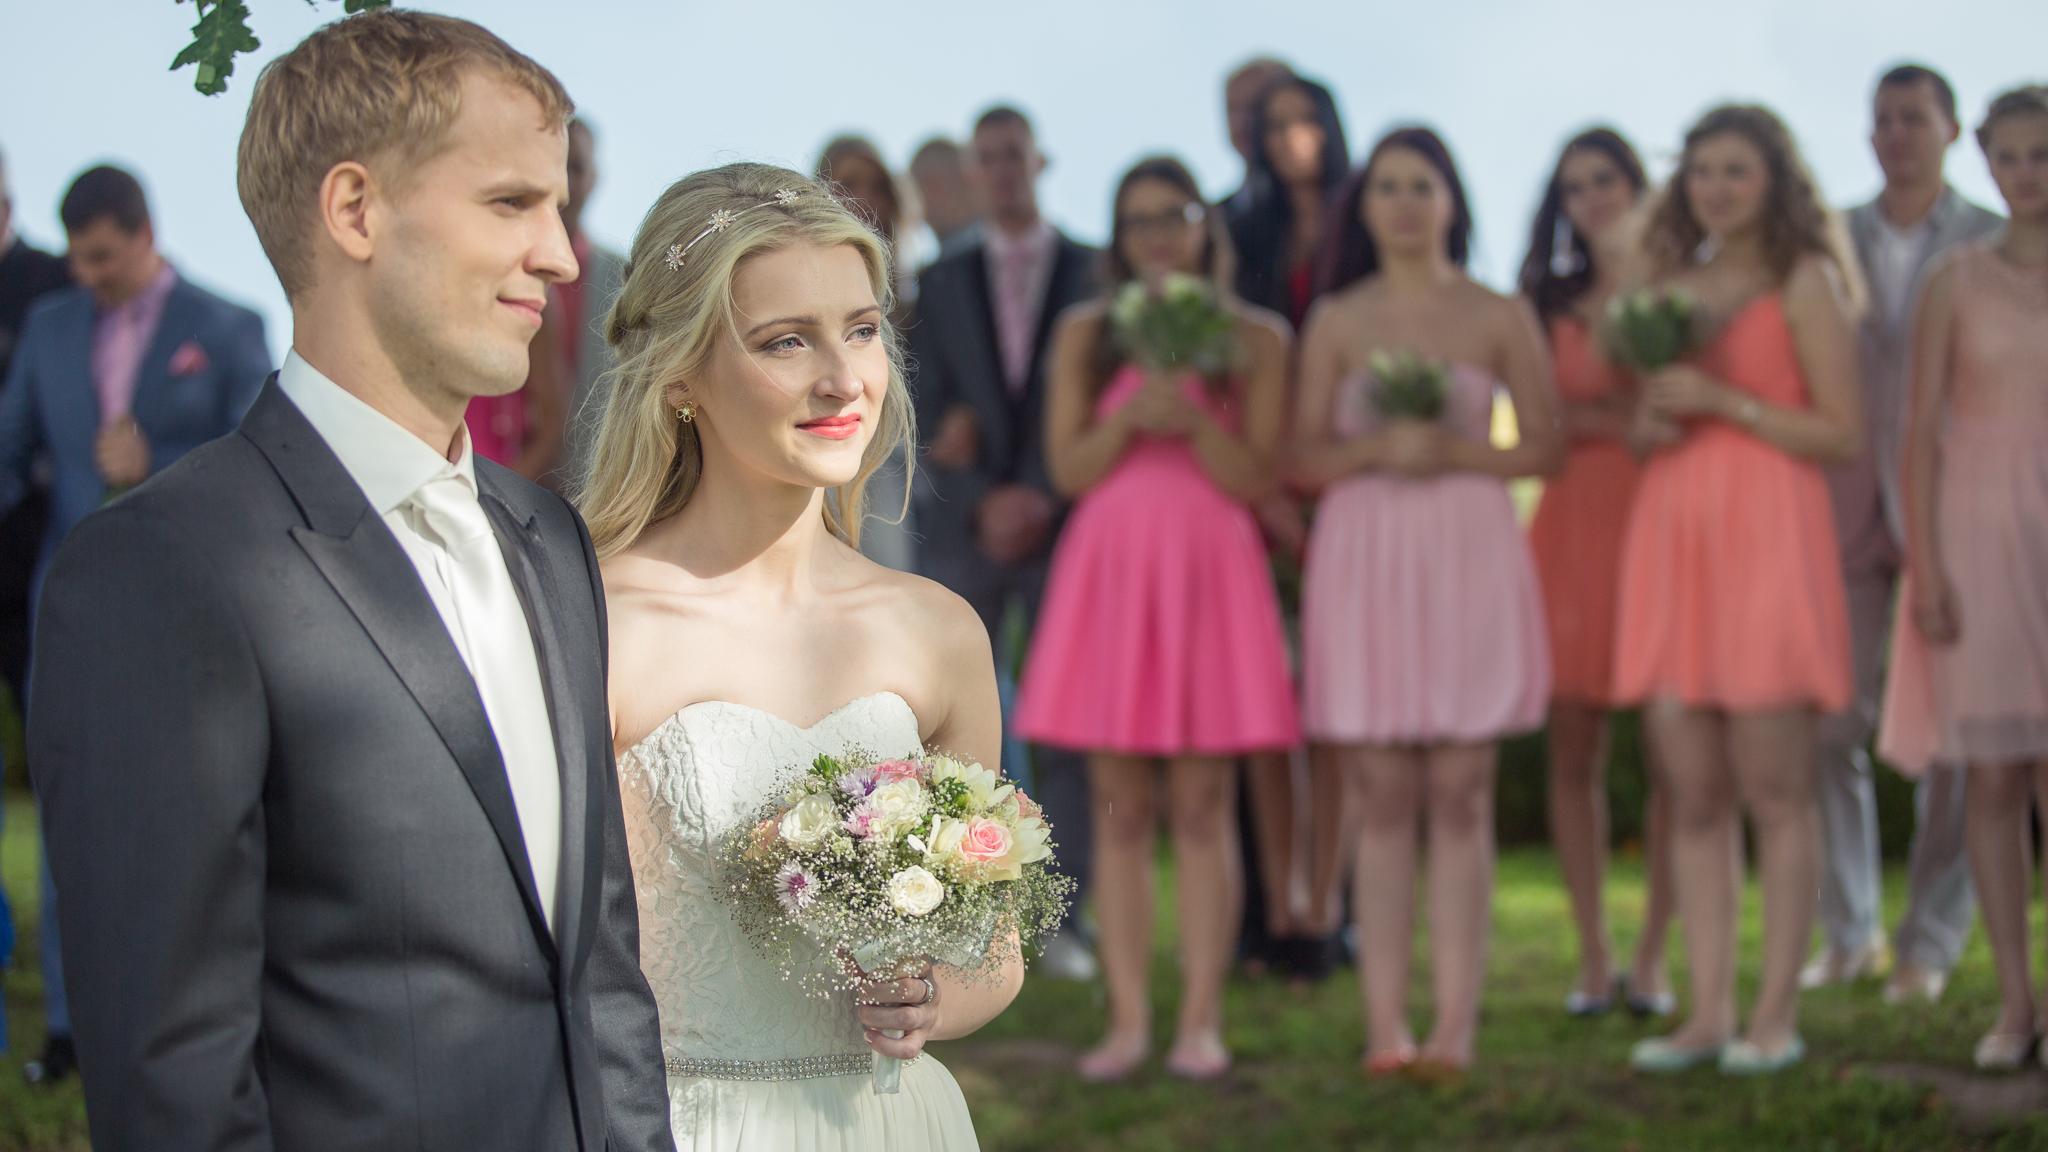 Kätlin & Kunnar lühike pulmavideo 31.07.2015 (pulmafilm.ee)